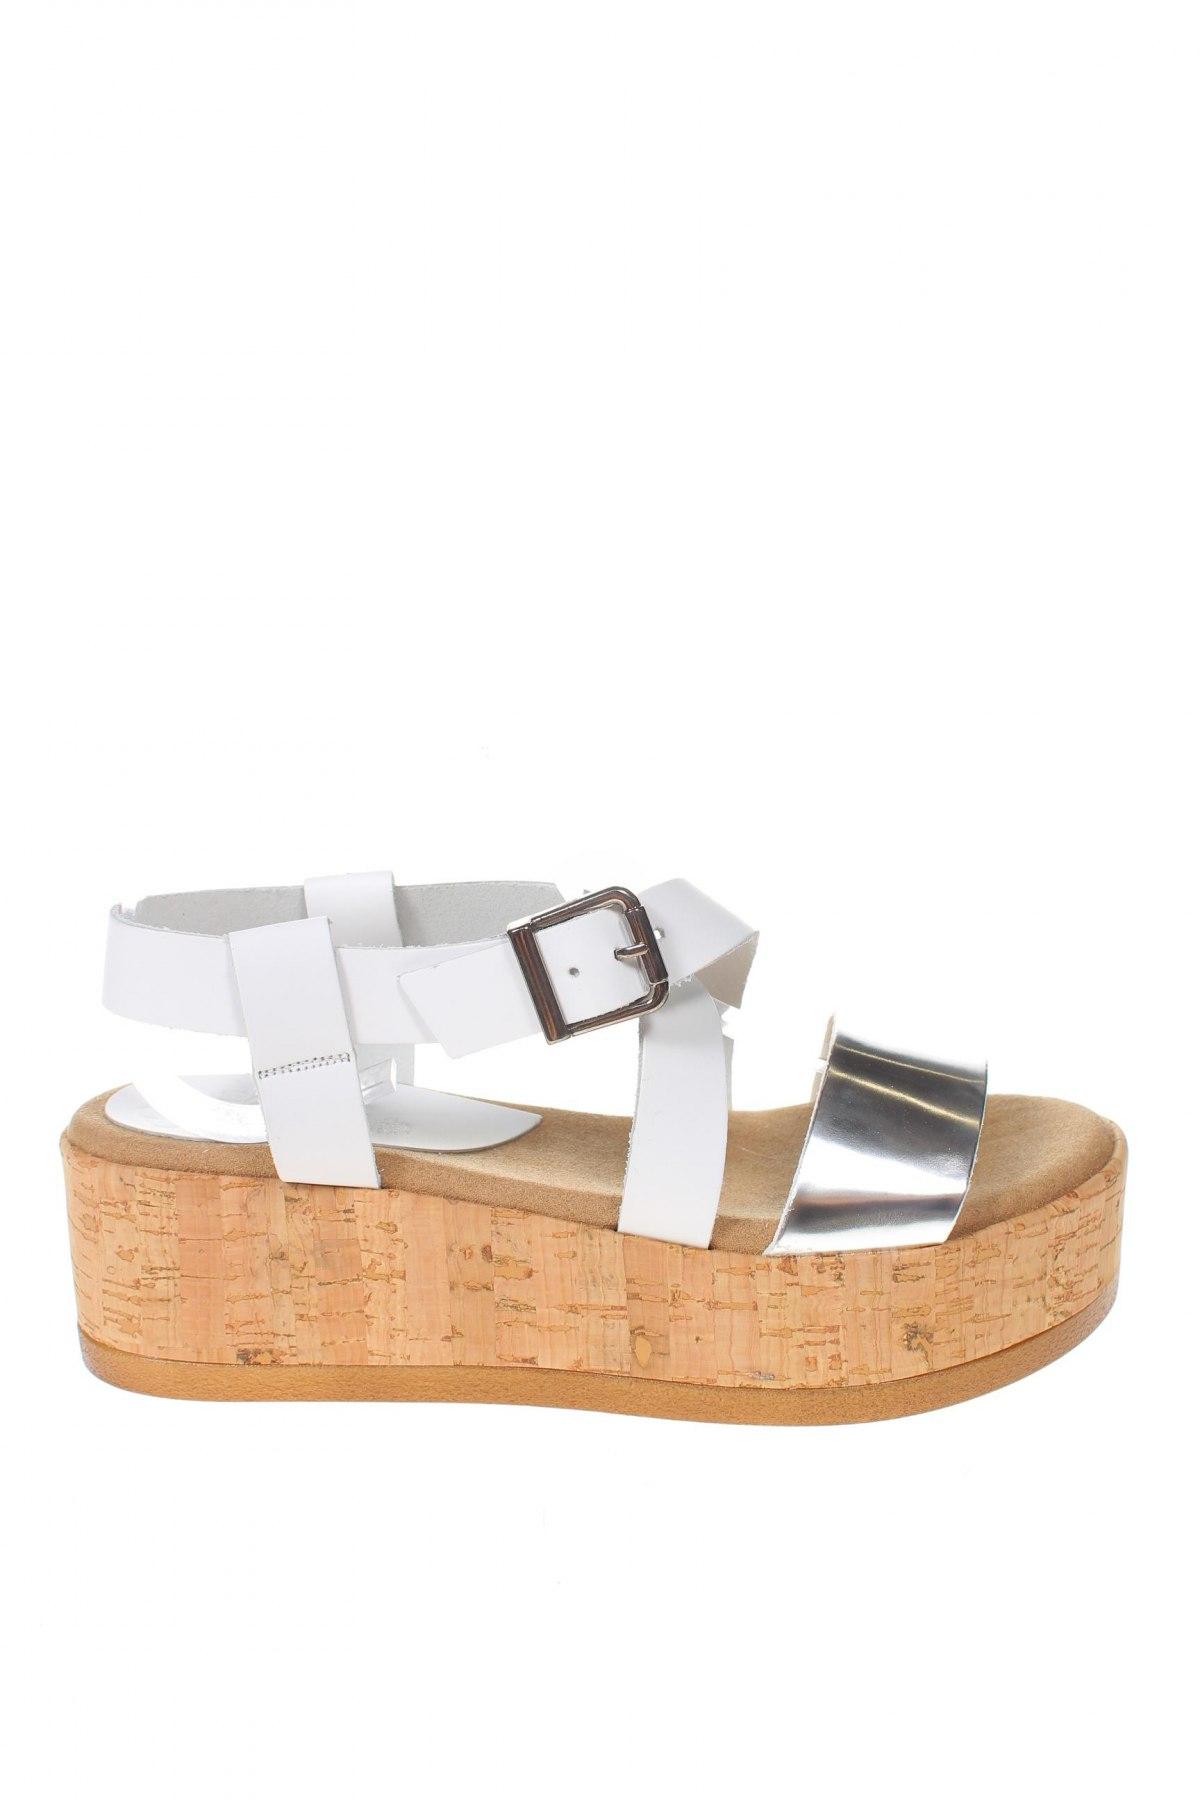 Σανδάλια Porronet, Μέγεθος 37, Χρώμα Λευκό, Γνήσιο δέρμα, δερματίνη, Τιμή 24,32€